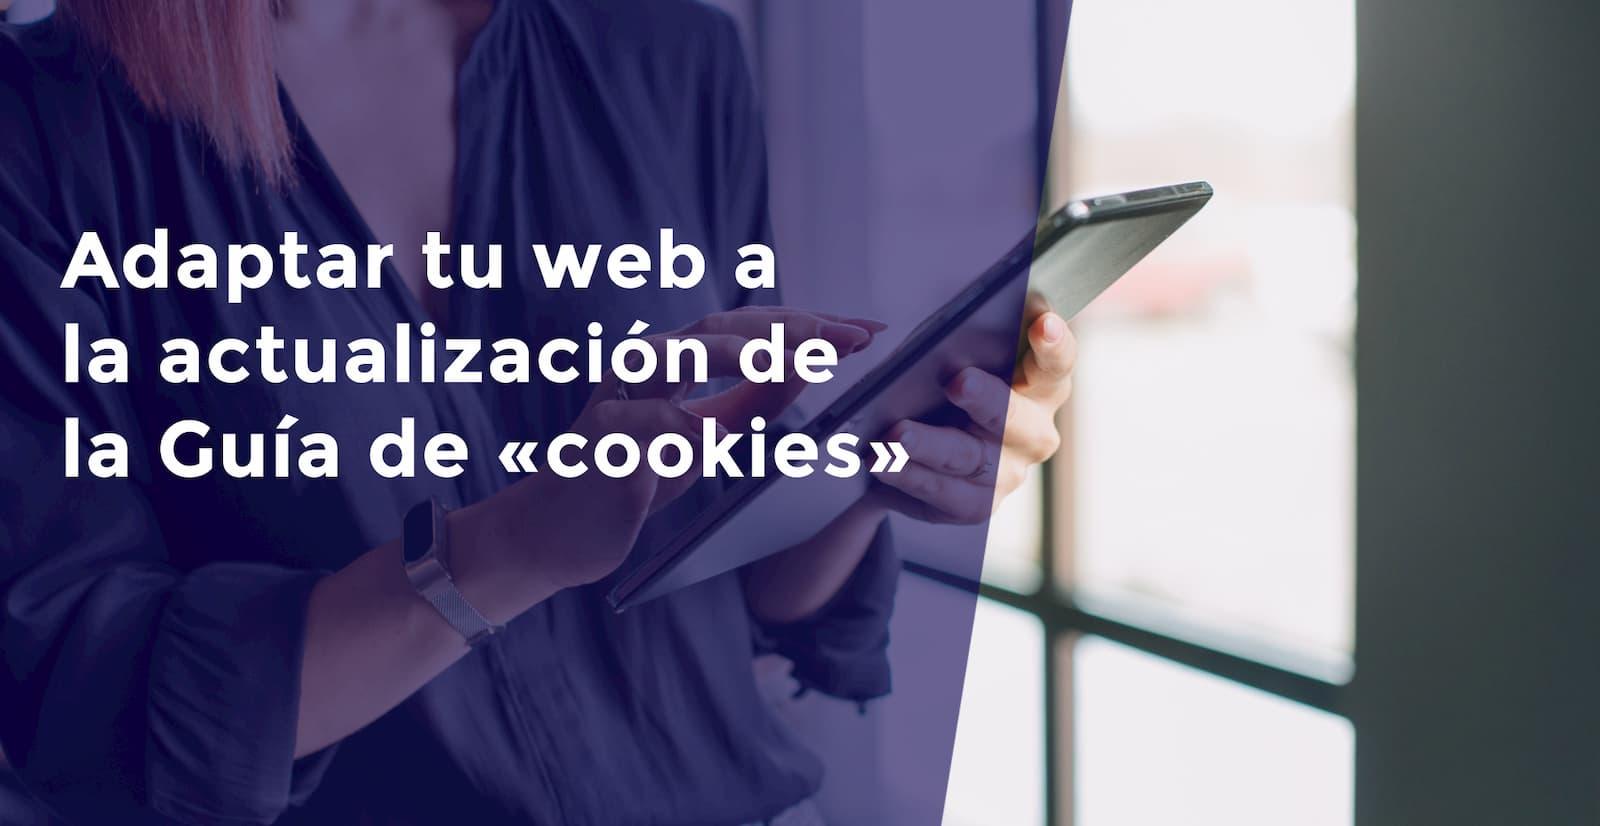 adaptar la web a la actualización de la Guía de «cookies»